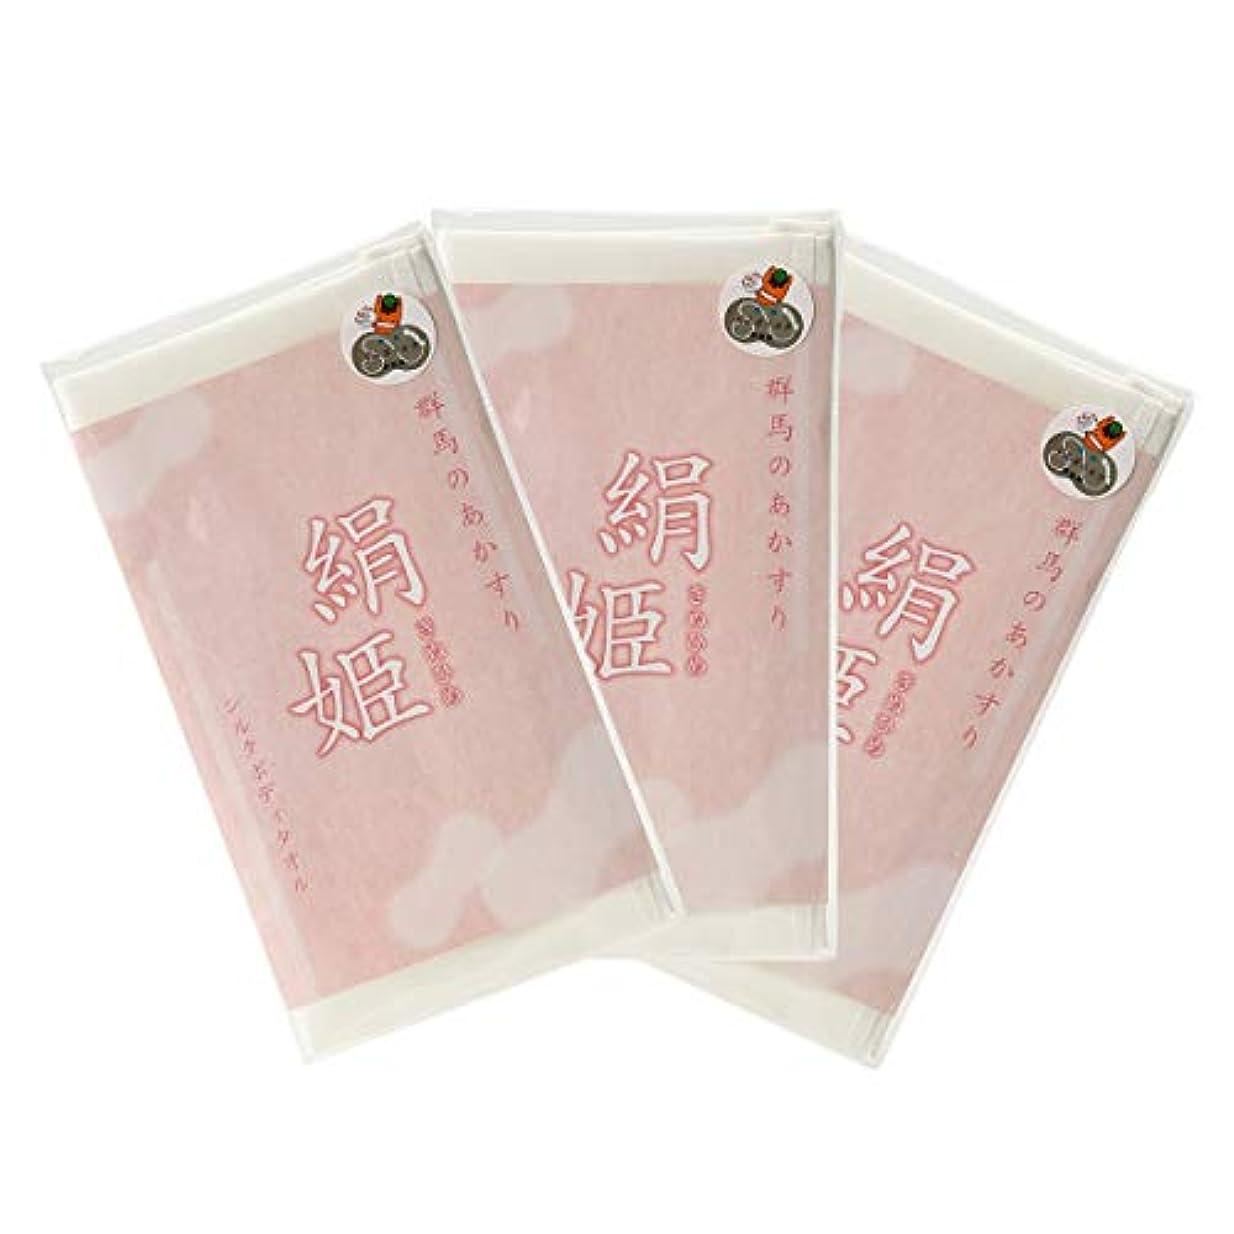 放映狭いソート[ハッピーシルク ] 絹姫 (きぬひめ) 3枚セット ボディータオル シルクあかすり 00245-3